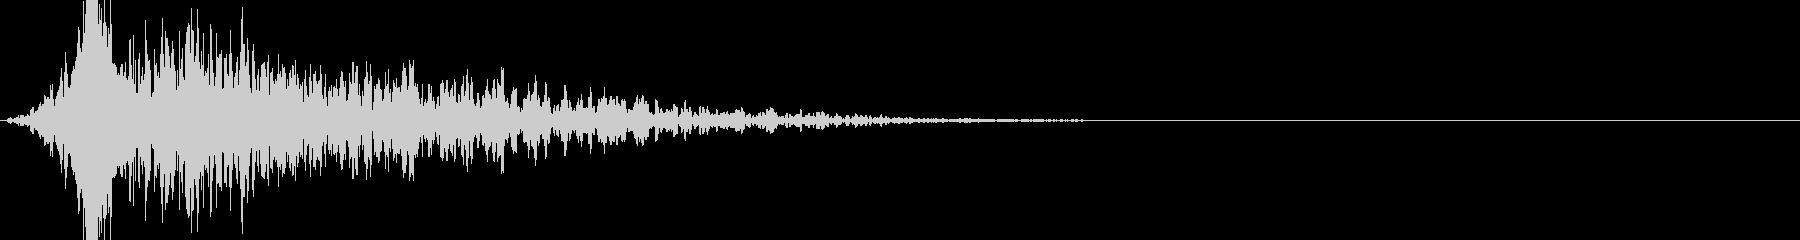 衝撃の展開_ガーンの未再生の波形